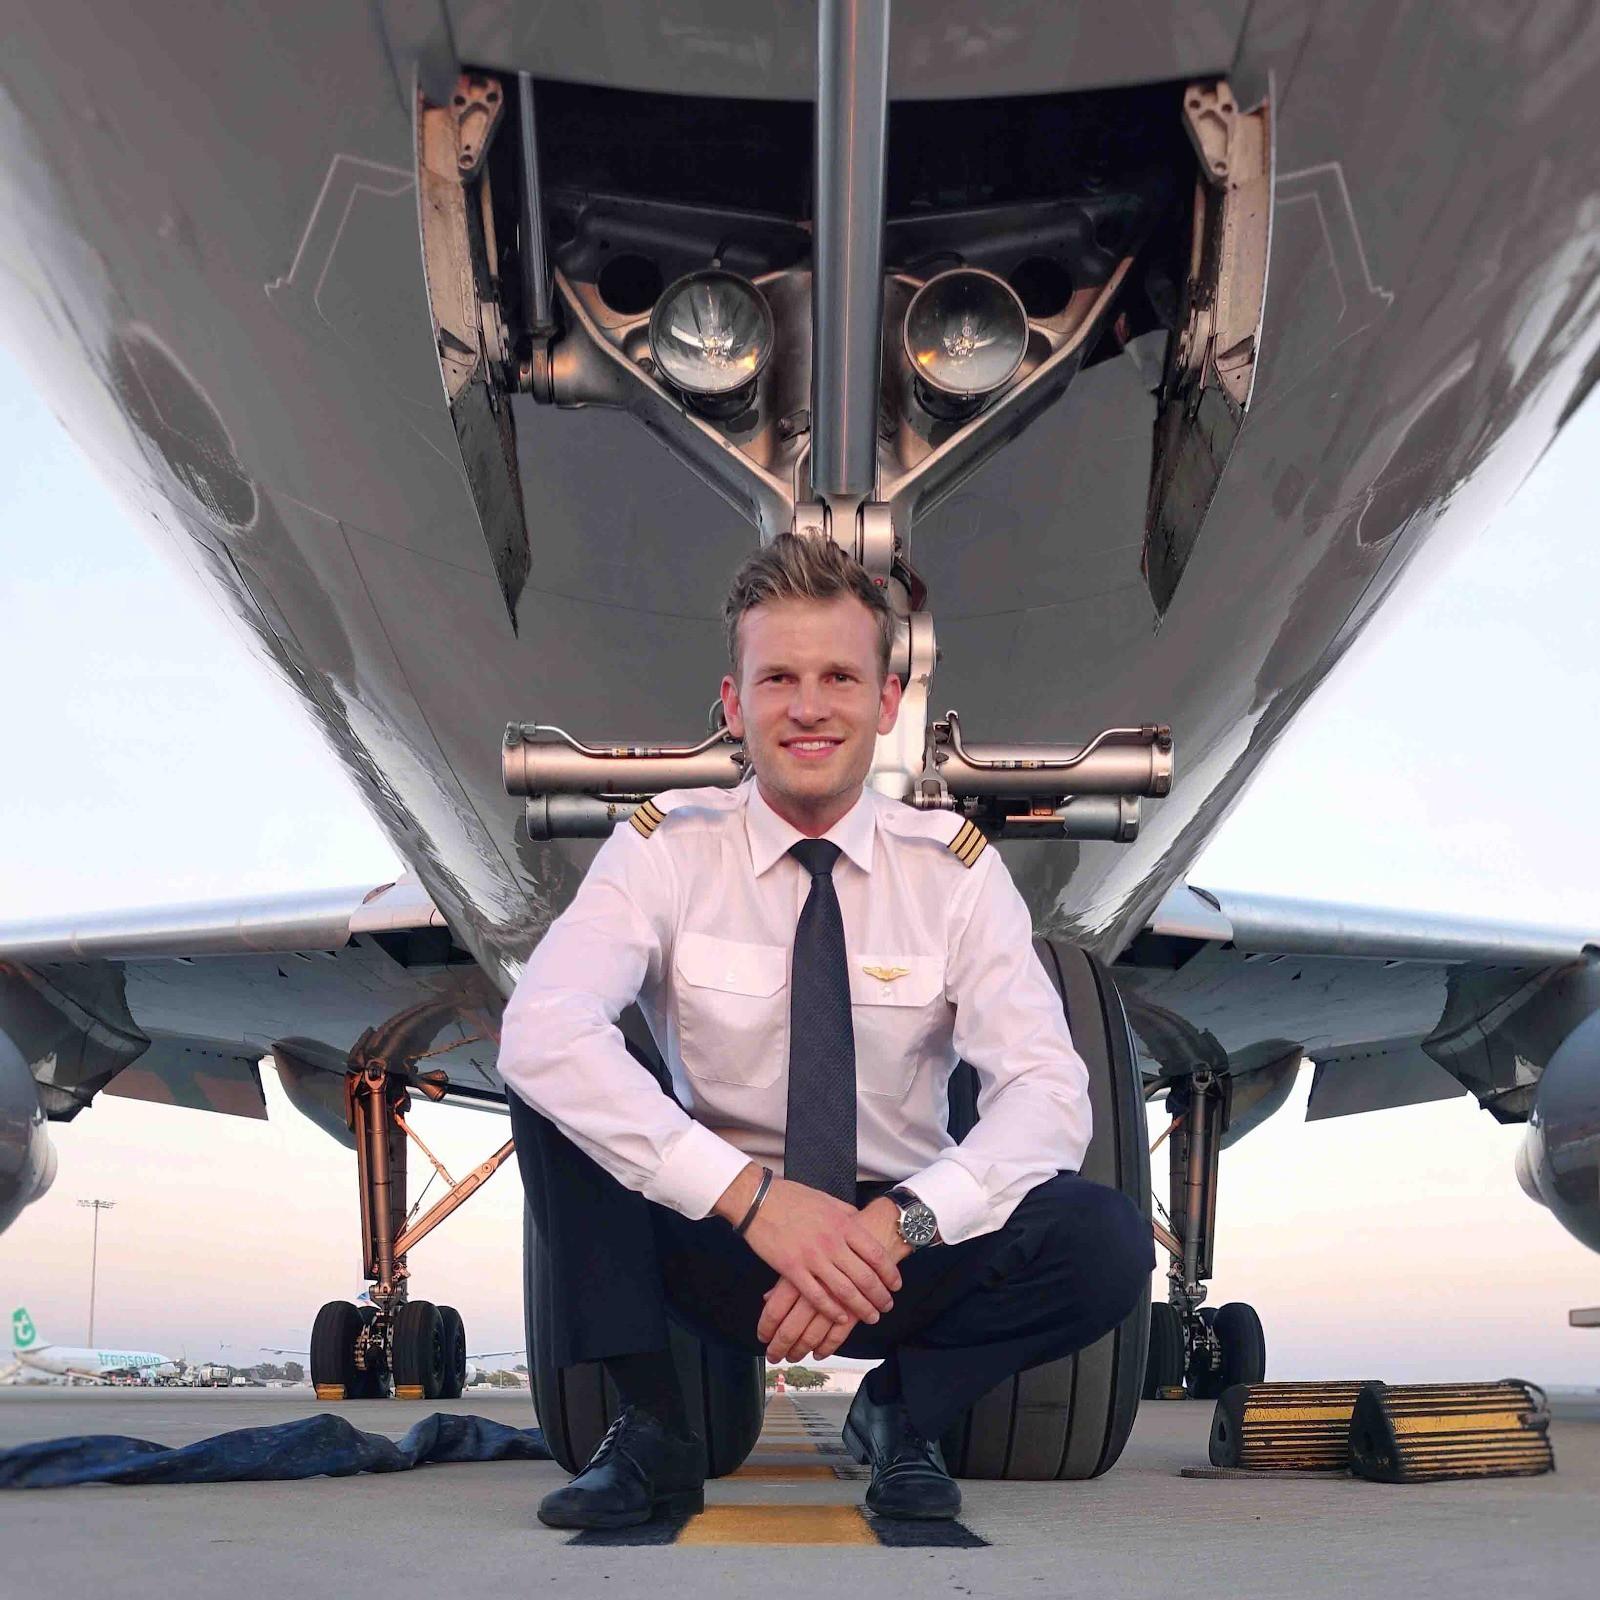 """Liệu bạn có tò mò về nghề phi công - nghề nghiệp được cho là """"hào nhoáng"""" và """"sung sướng"""" bậc nhất? - Ảnh 5."""